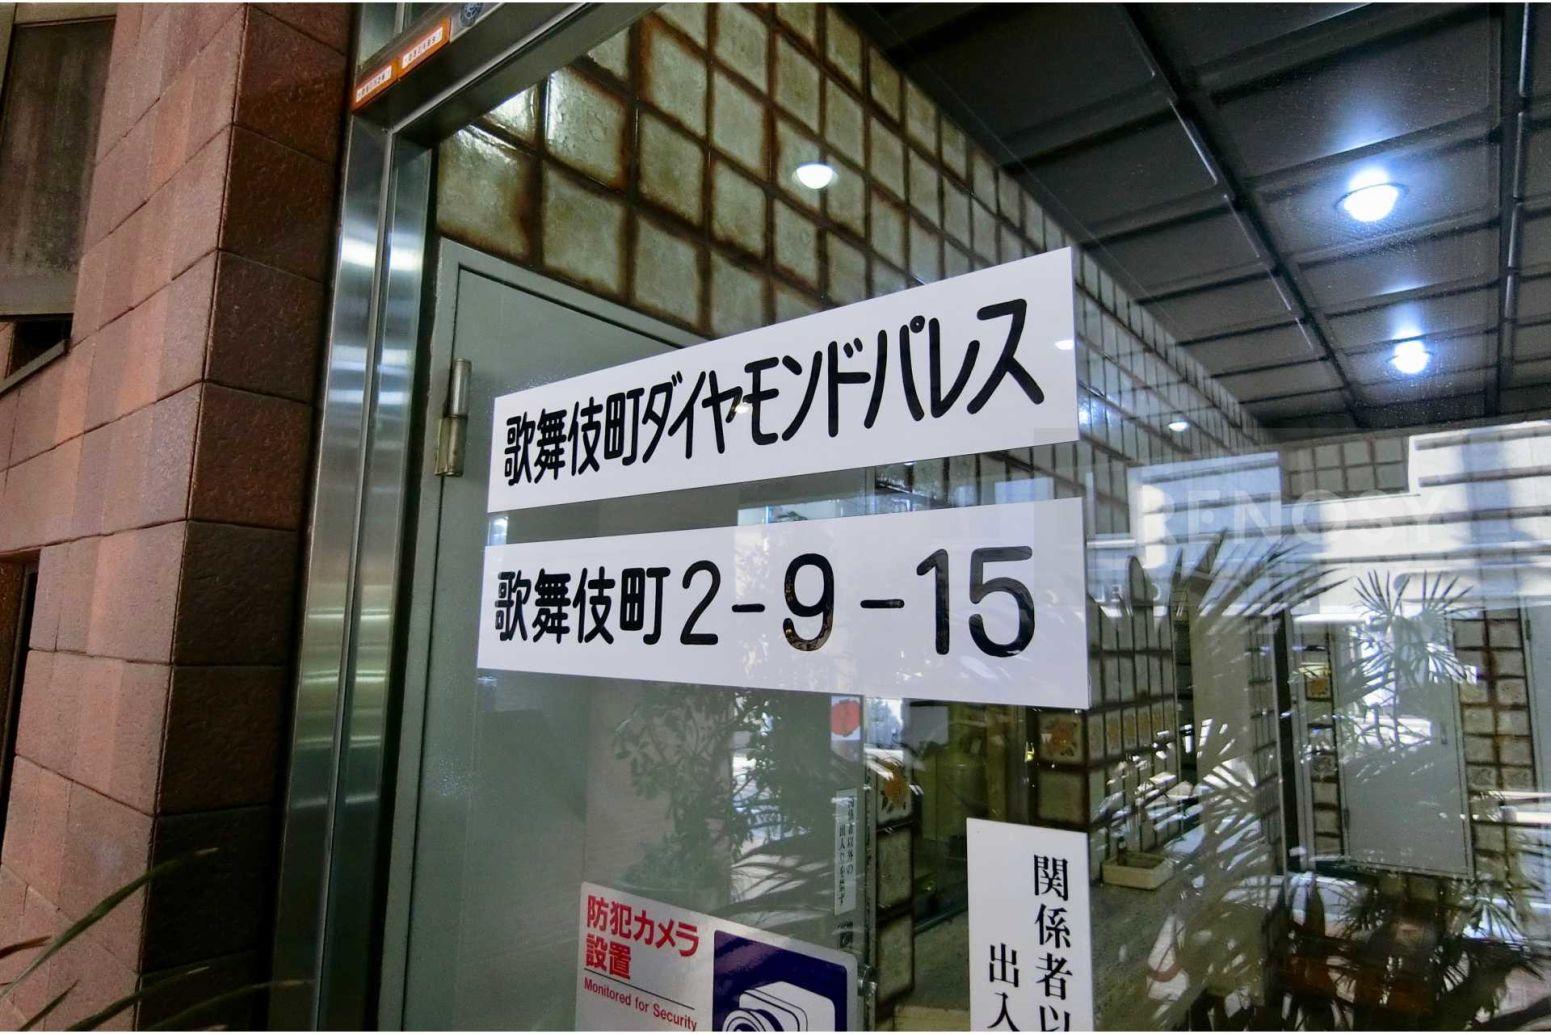 歌舞伎町ダイヤモンドパレス